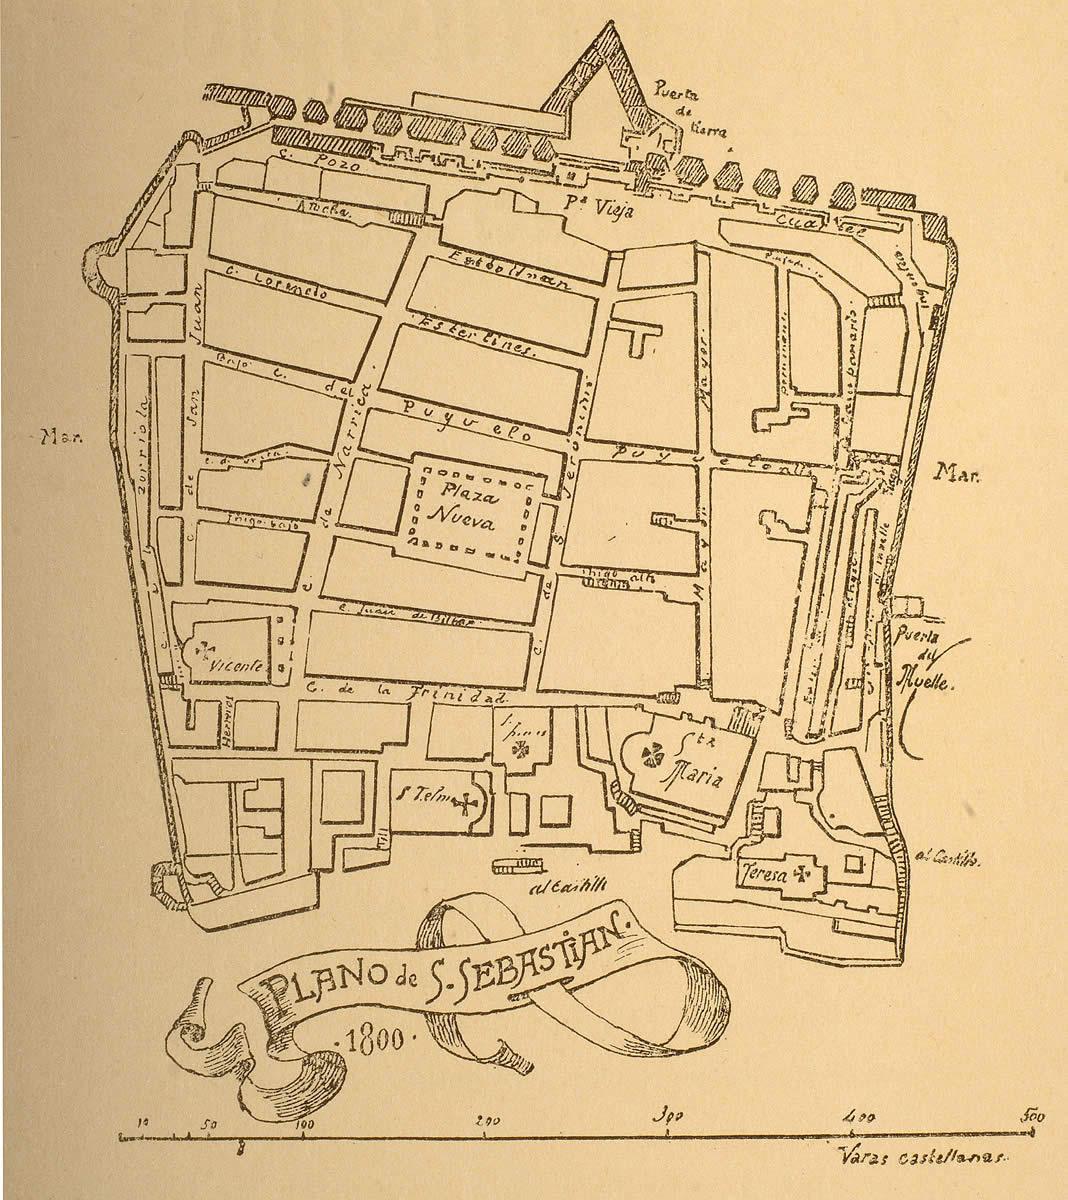 Mapa de San Sebastián en 1800